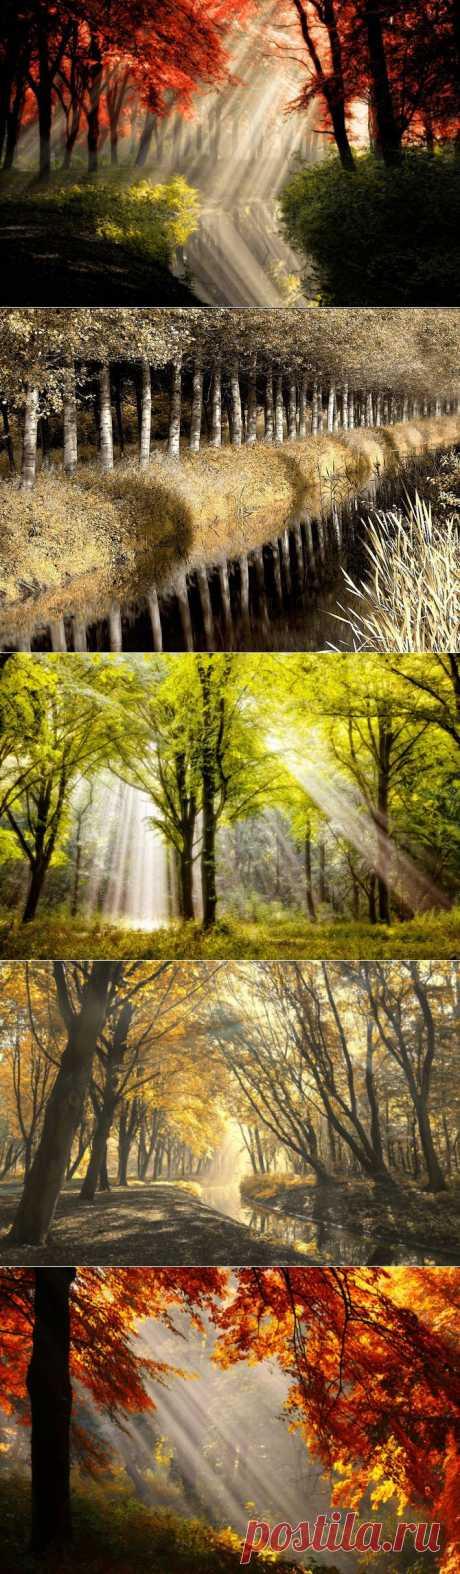 (+1) тема - Фотограф Ларс Ван де Гур. Золотая осень. | Искусство